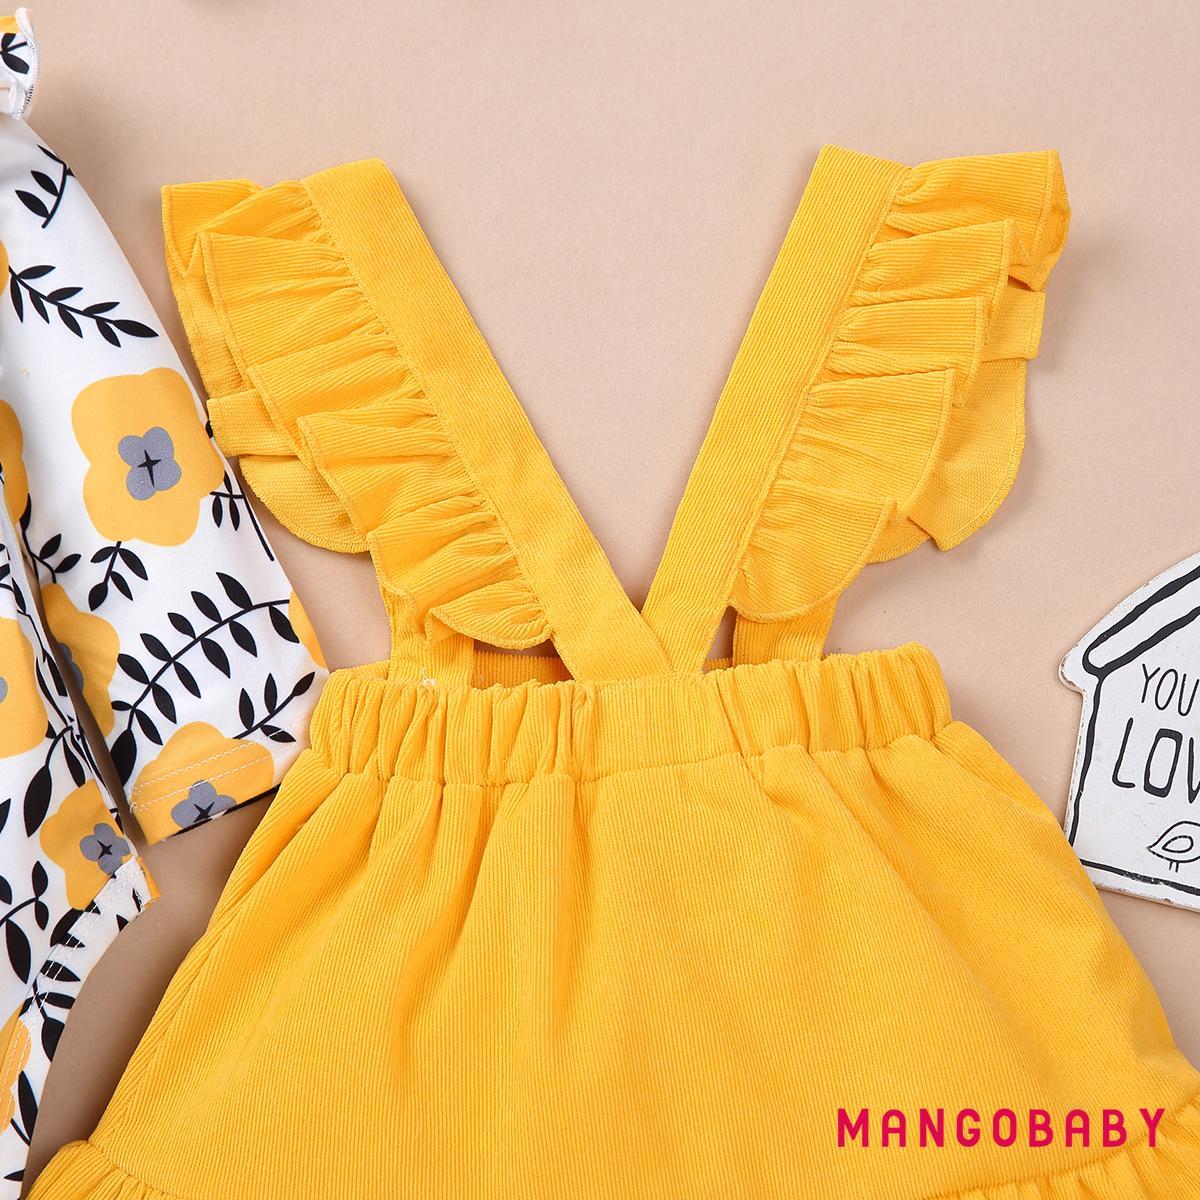 Set Áo Thun Dài Tay Cổ Tròn + Chân Váy Yếm Đáng Yêu Cho Bé Gái